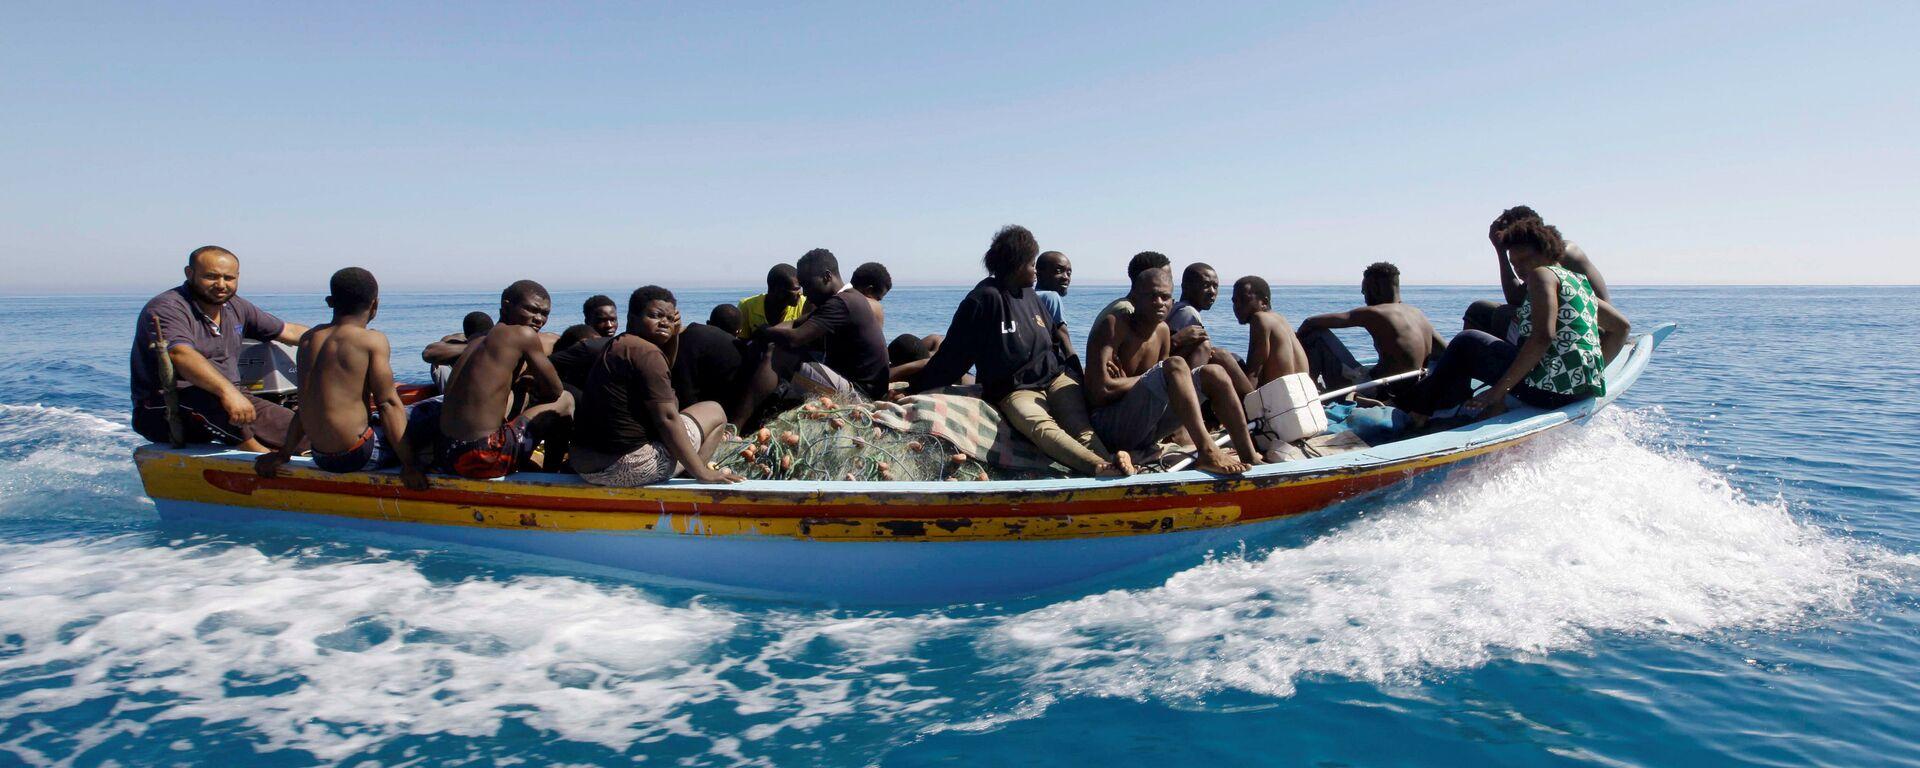 Los migrantes en el barco en el Mediterráneo - Sputnik Mundo, 1920, 18.05.2021